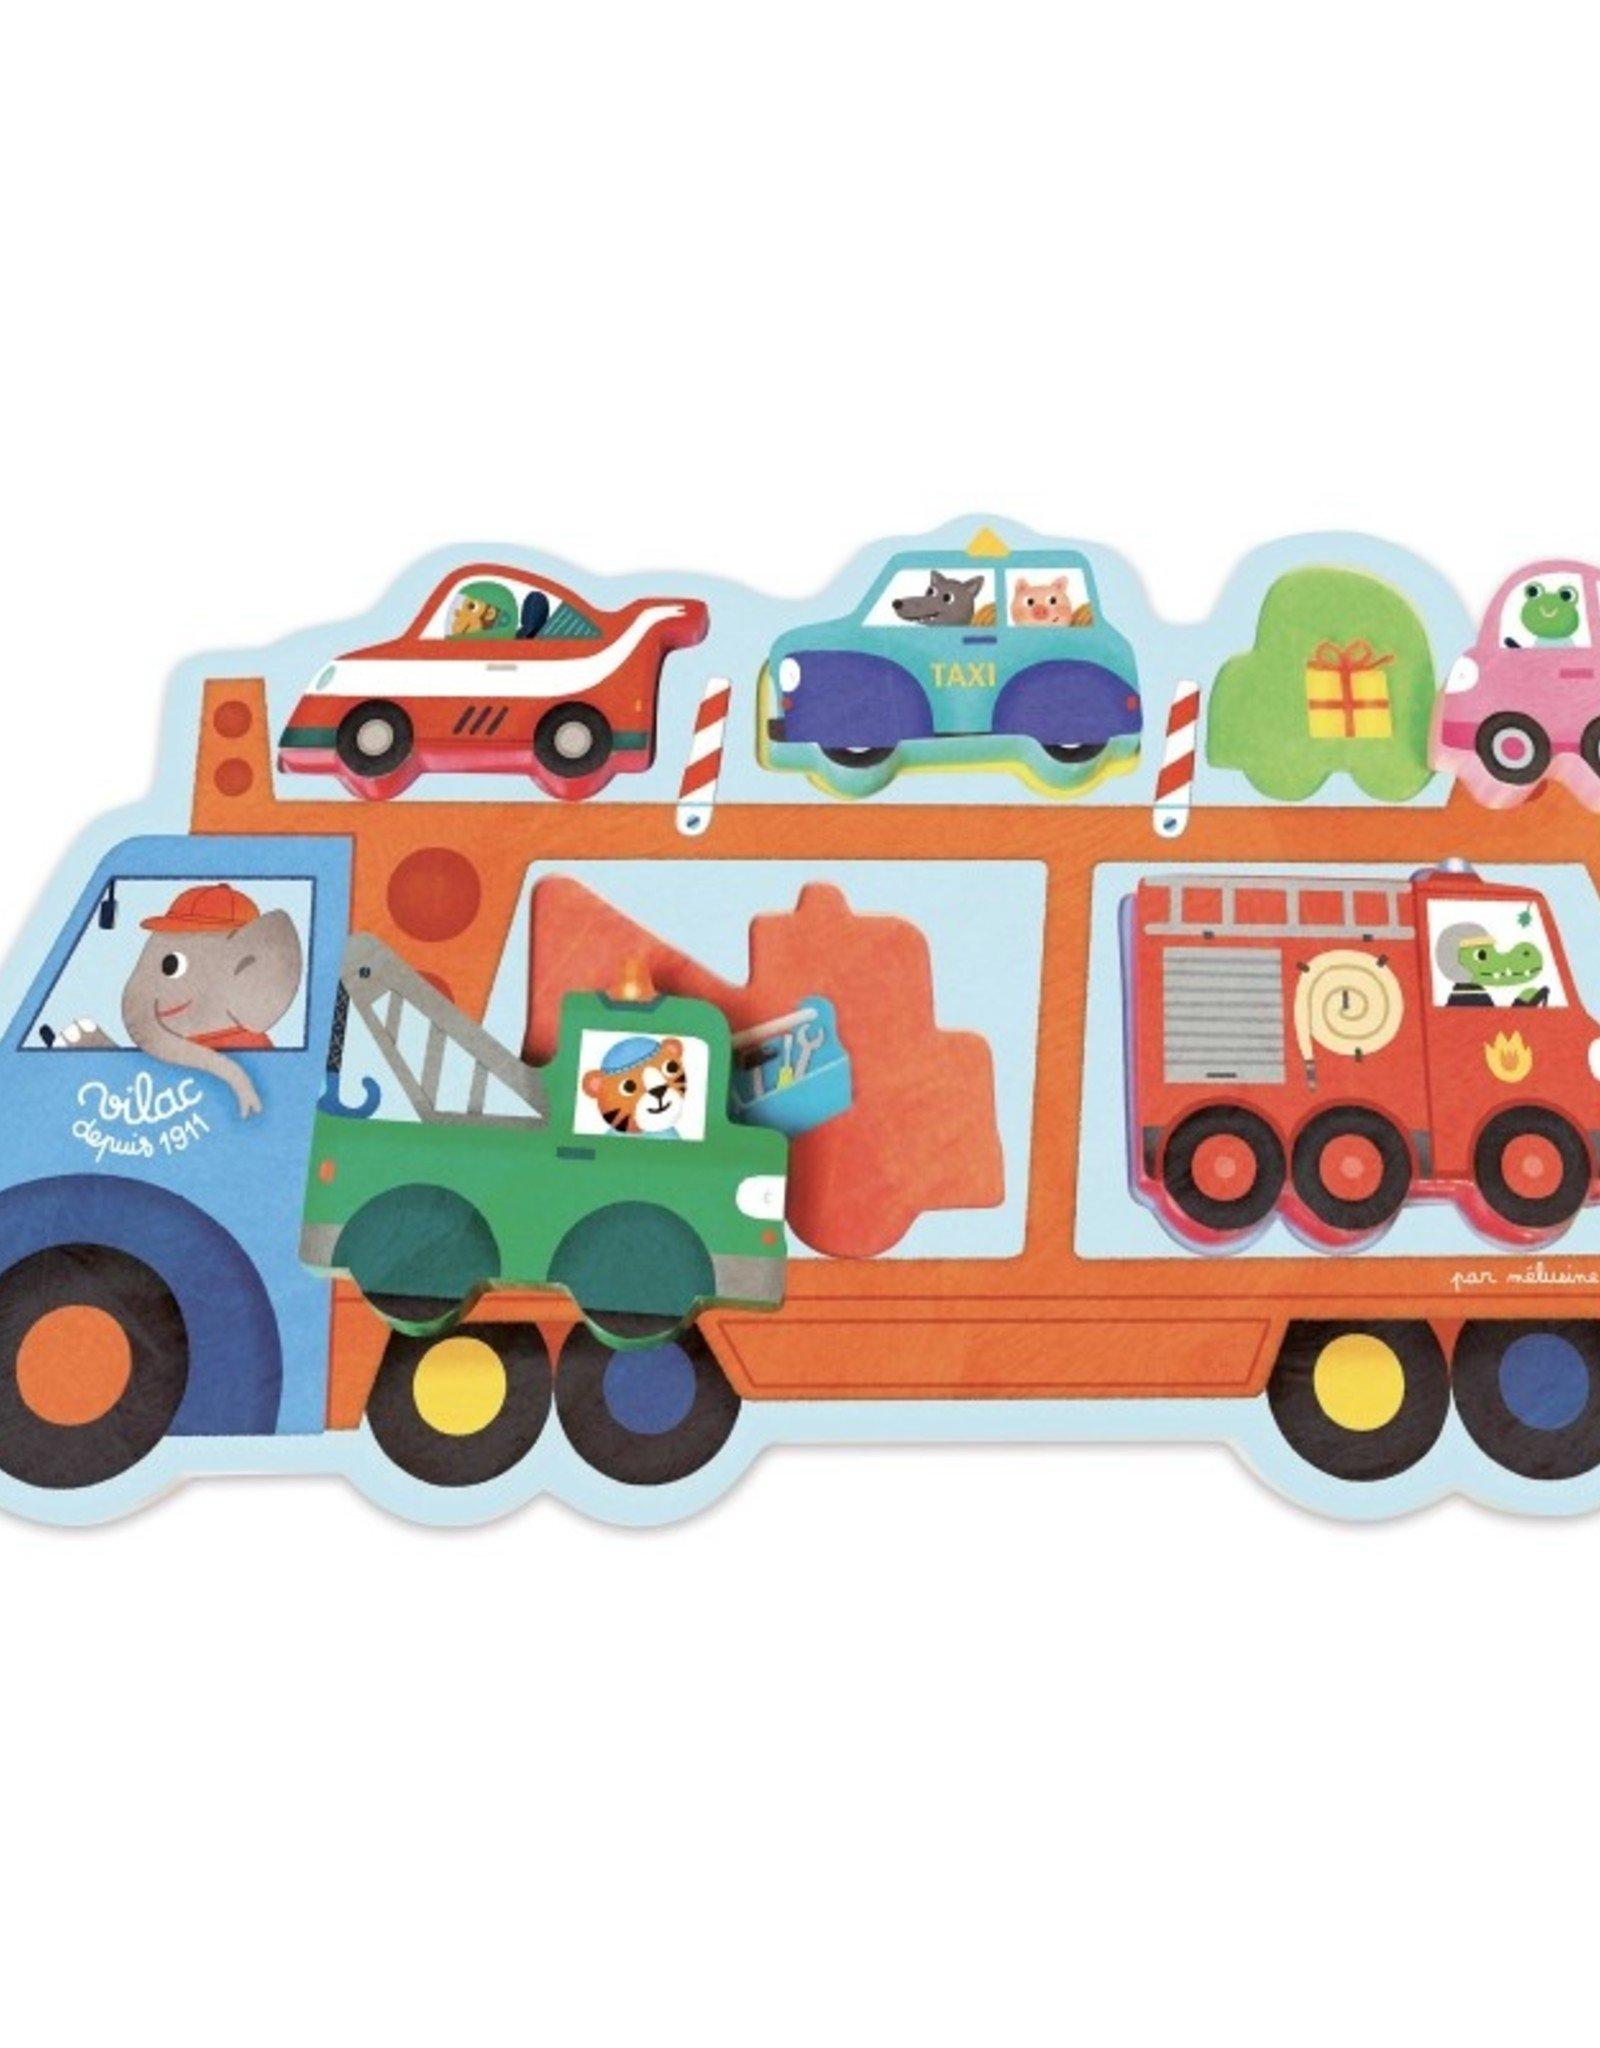 Vilac Truck Transport Puzzle